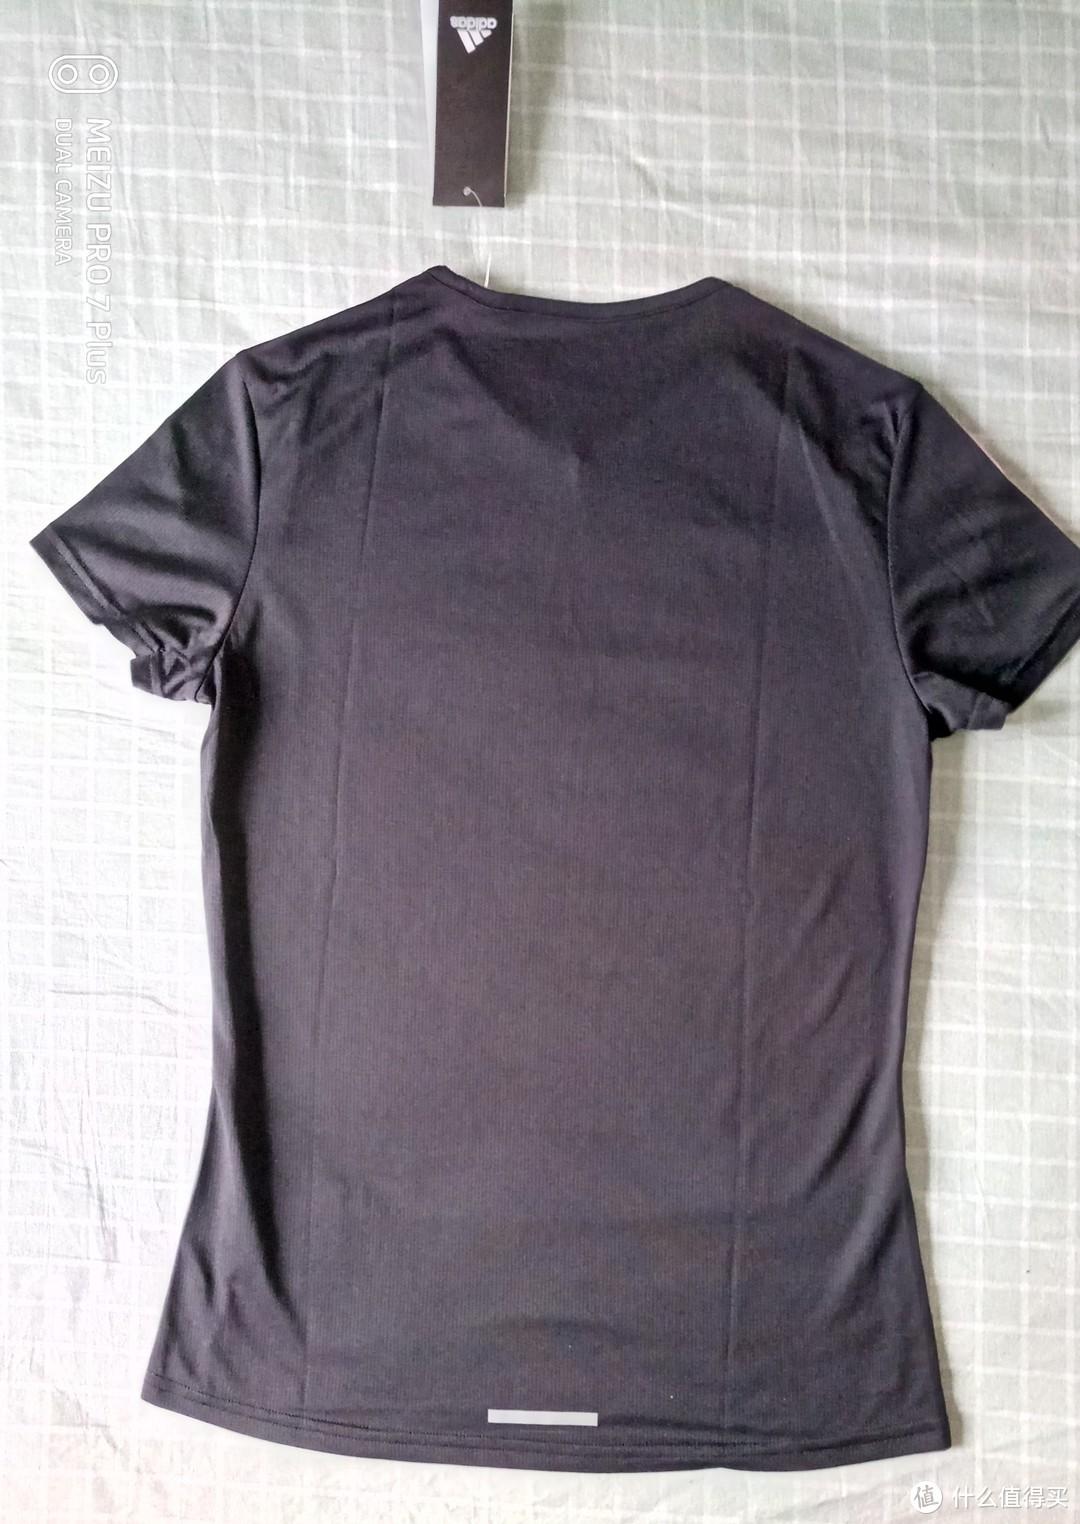 夏日清凉装置--阿迪达斯吸湿速干Climalite T恤体验